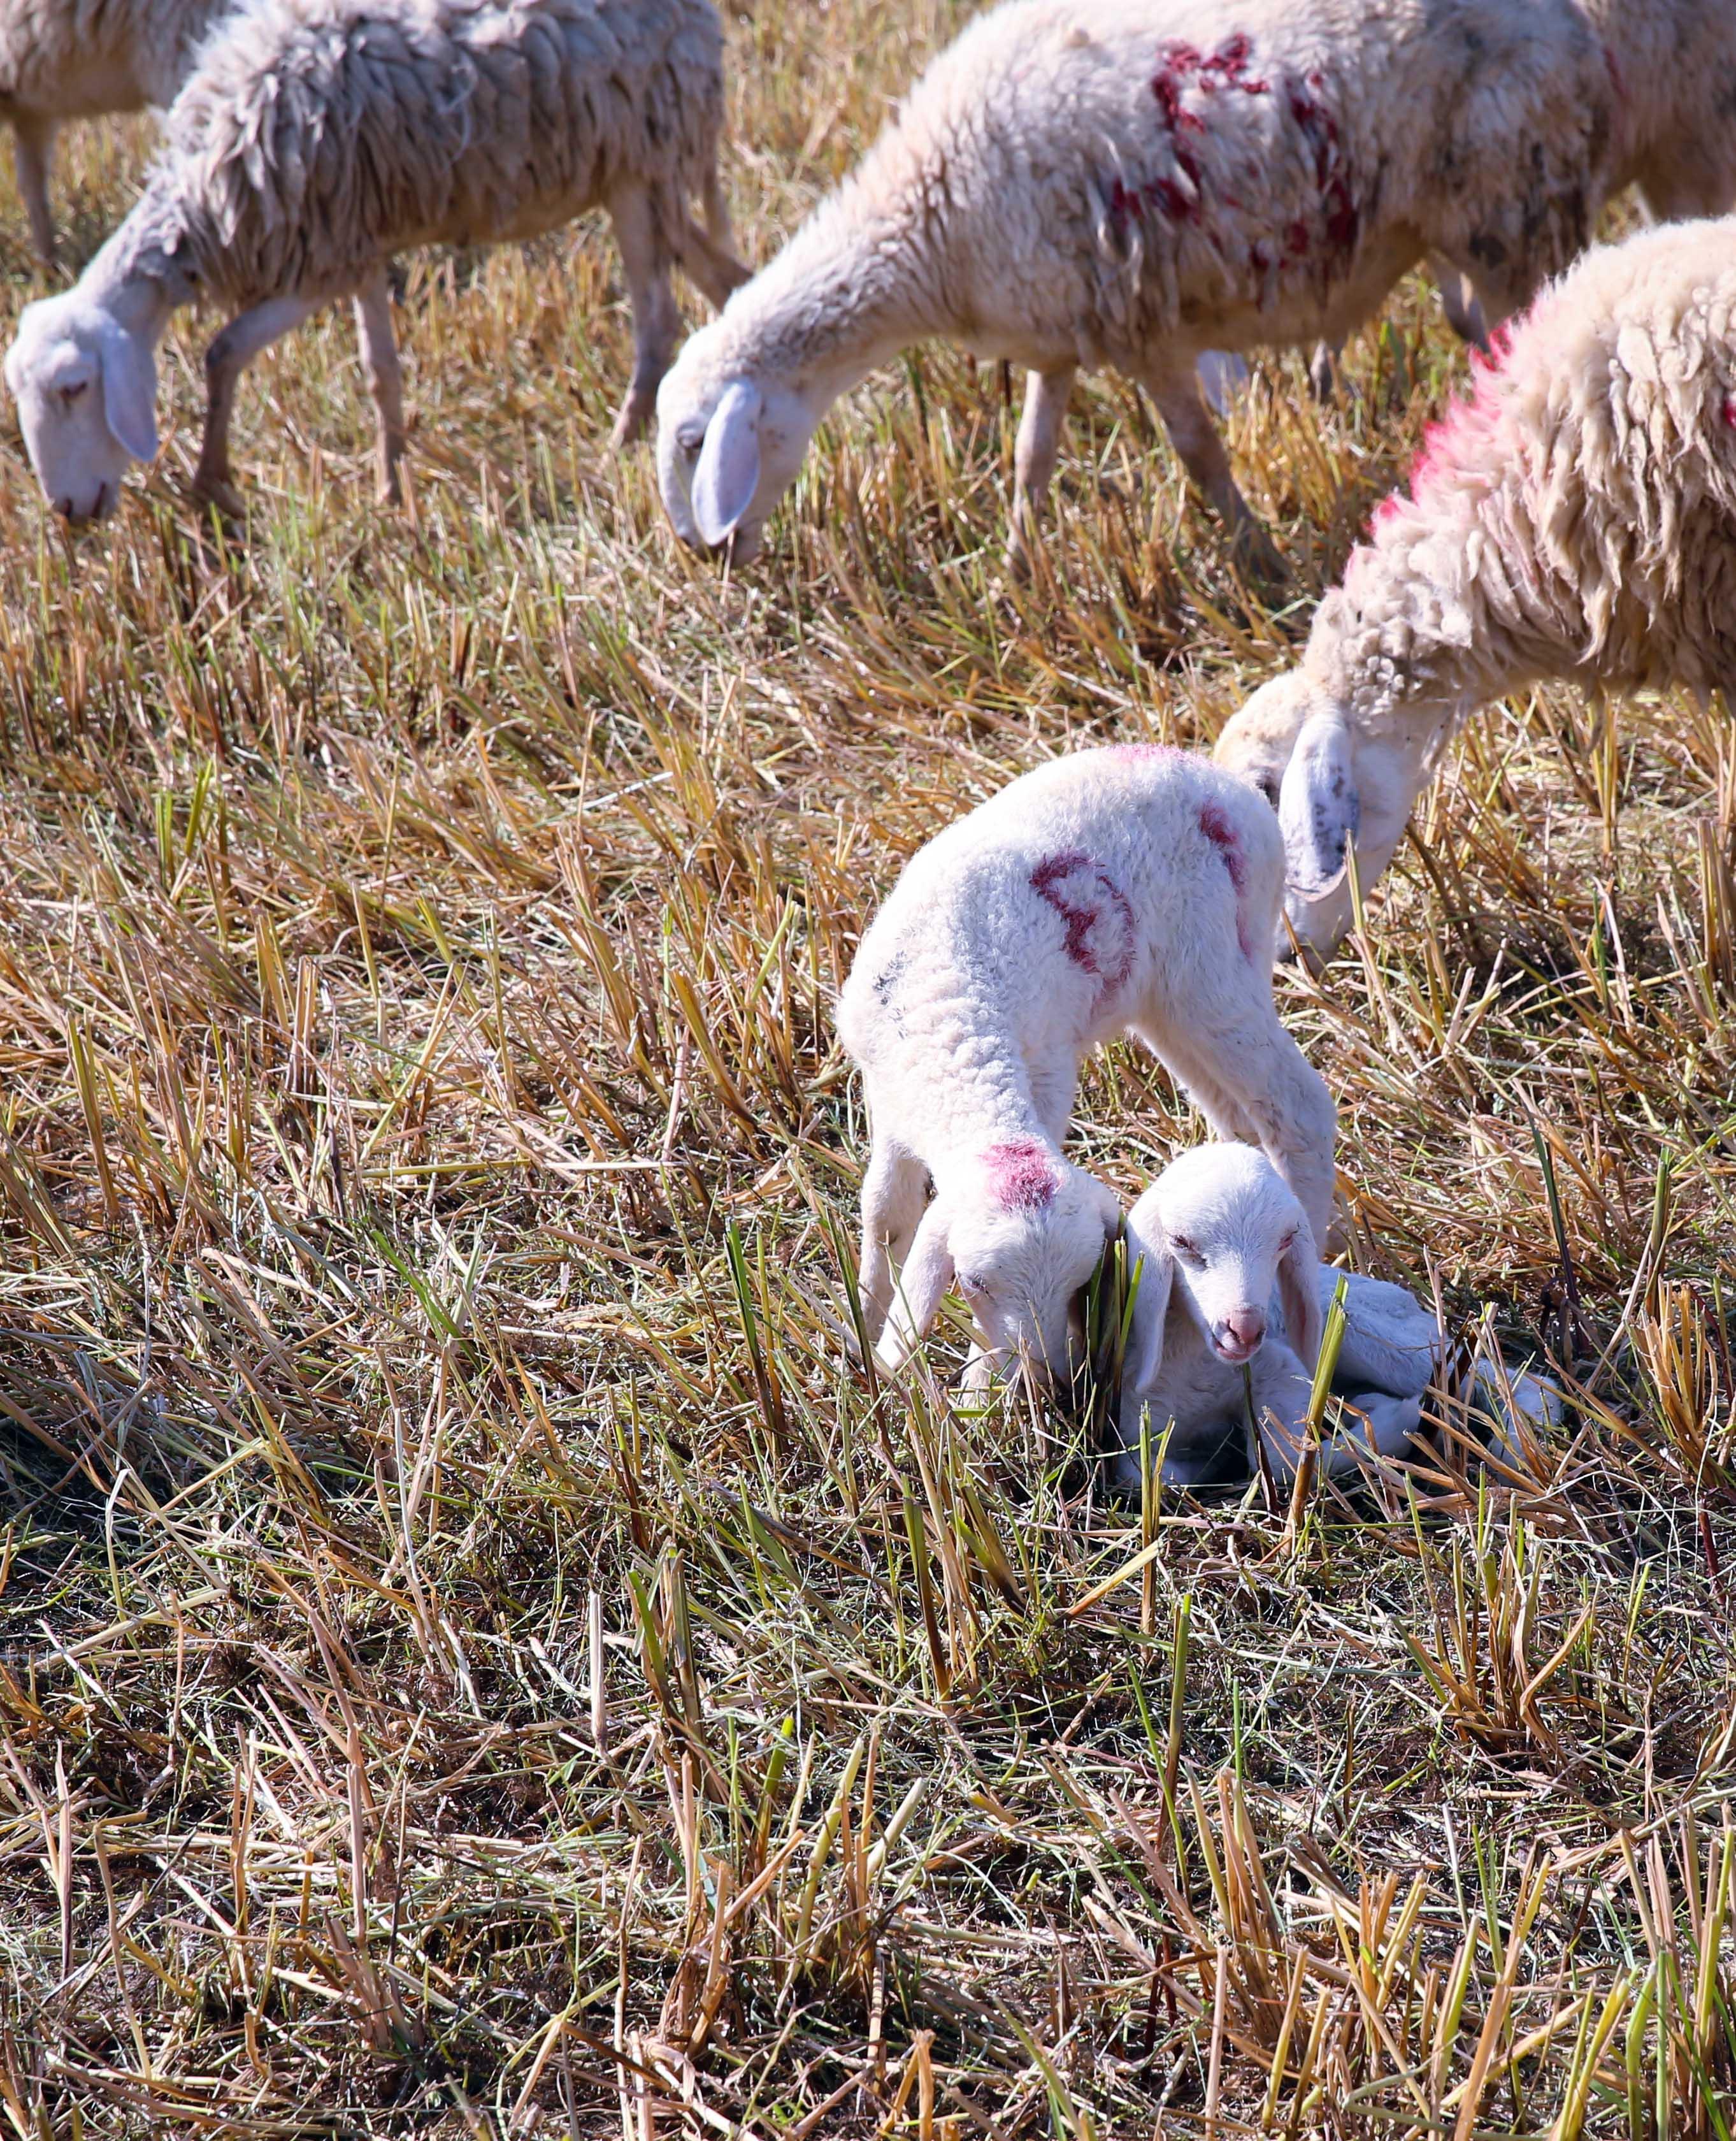 Giữa thảo nguyên bao la, có những chú cừu non như những cụm bông lăng xăng đùa nghịch.